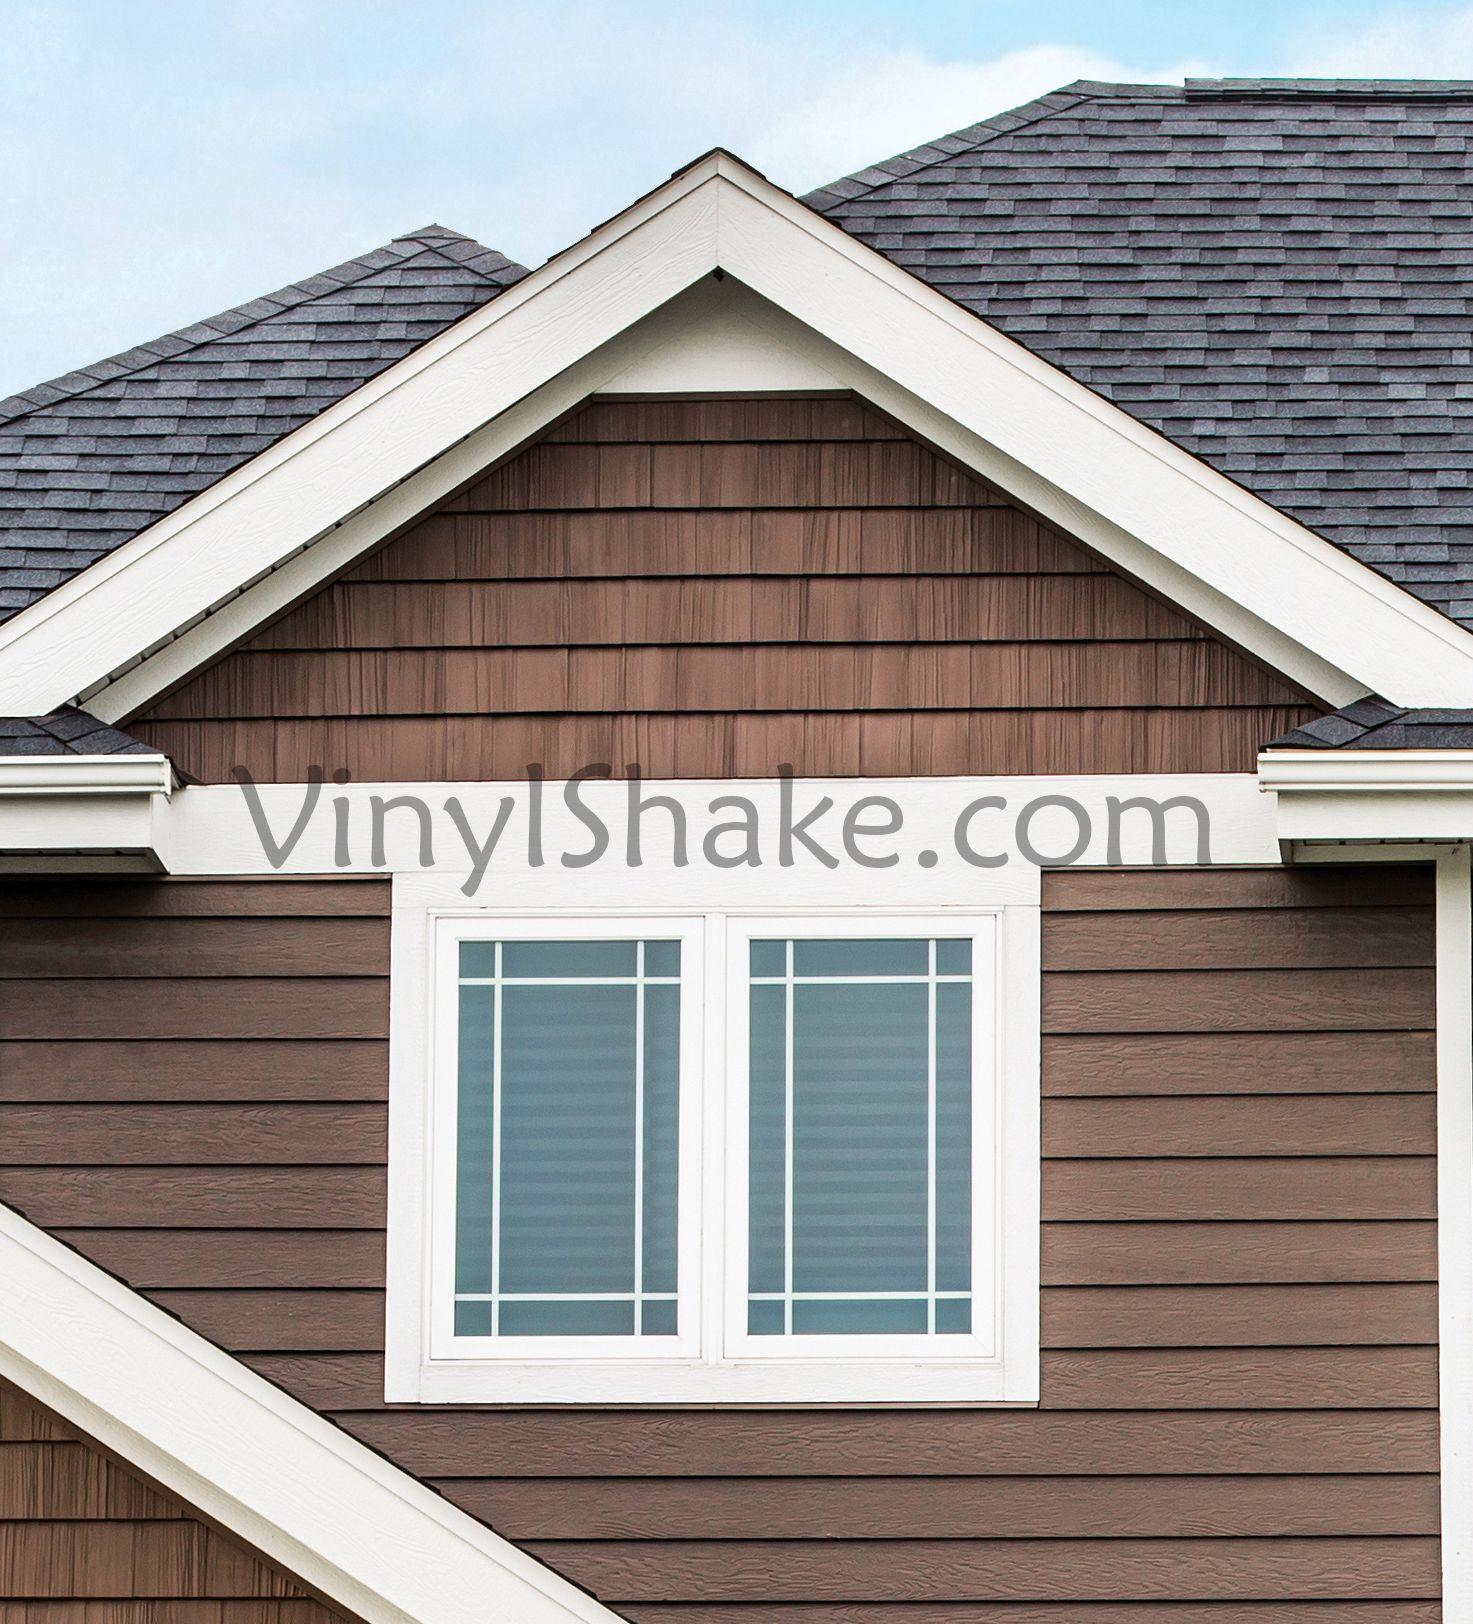 Foundry 7 Inch Split Shake In 2020 Vinyl Cedar Shake Siding Dark Siding House Vinyl Siding House